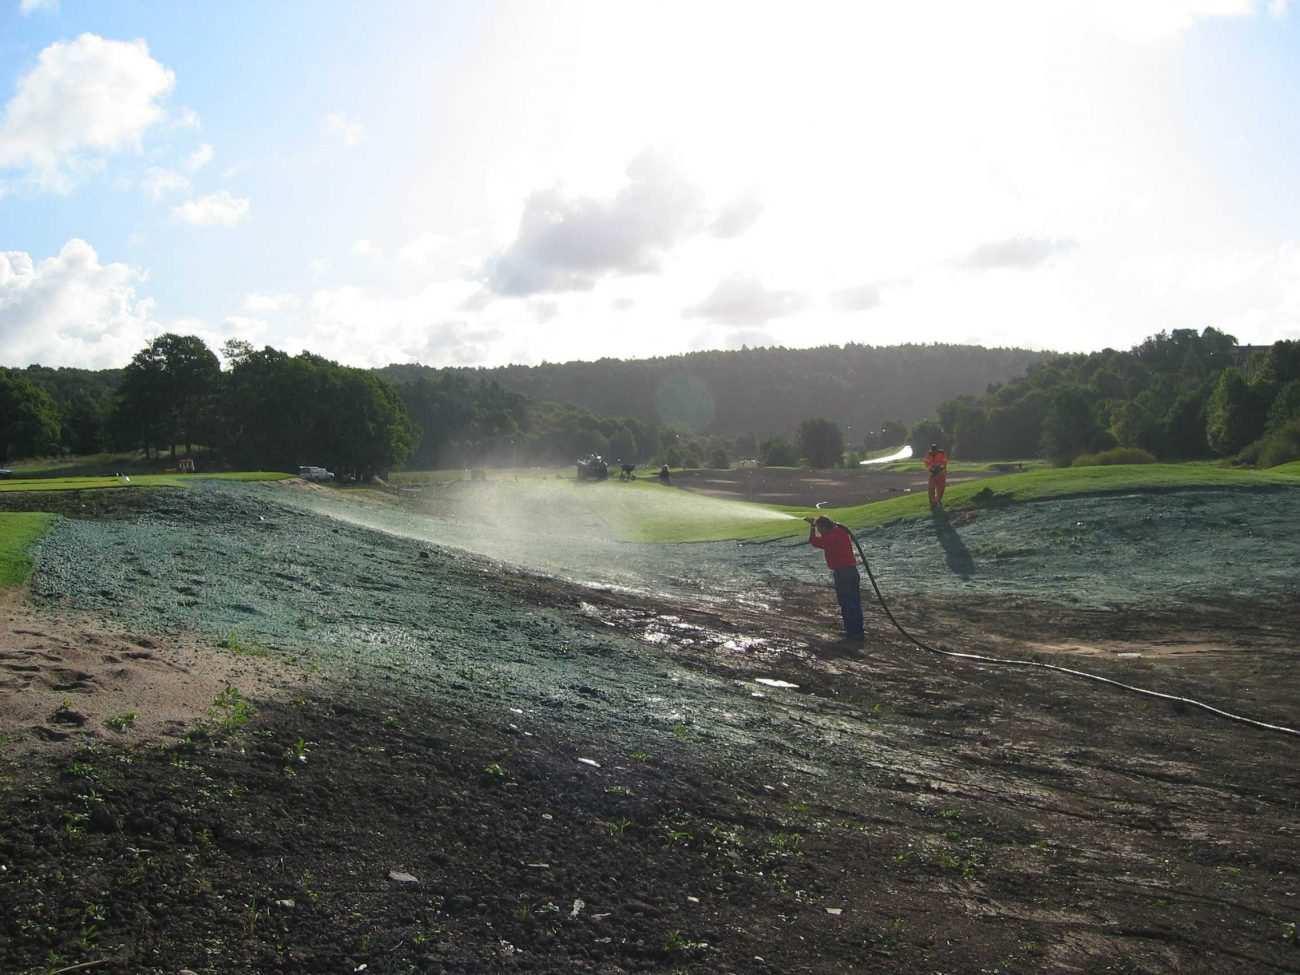 Hydroseeding çim ekimi uygulaması